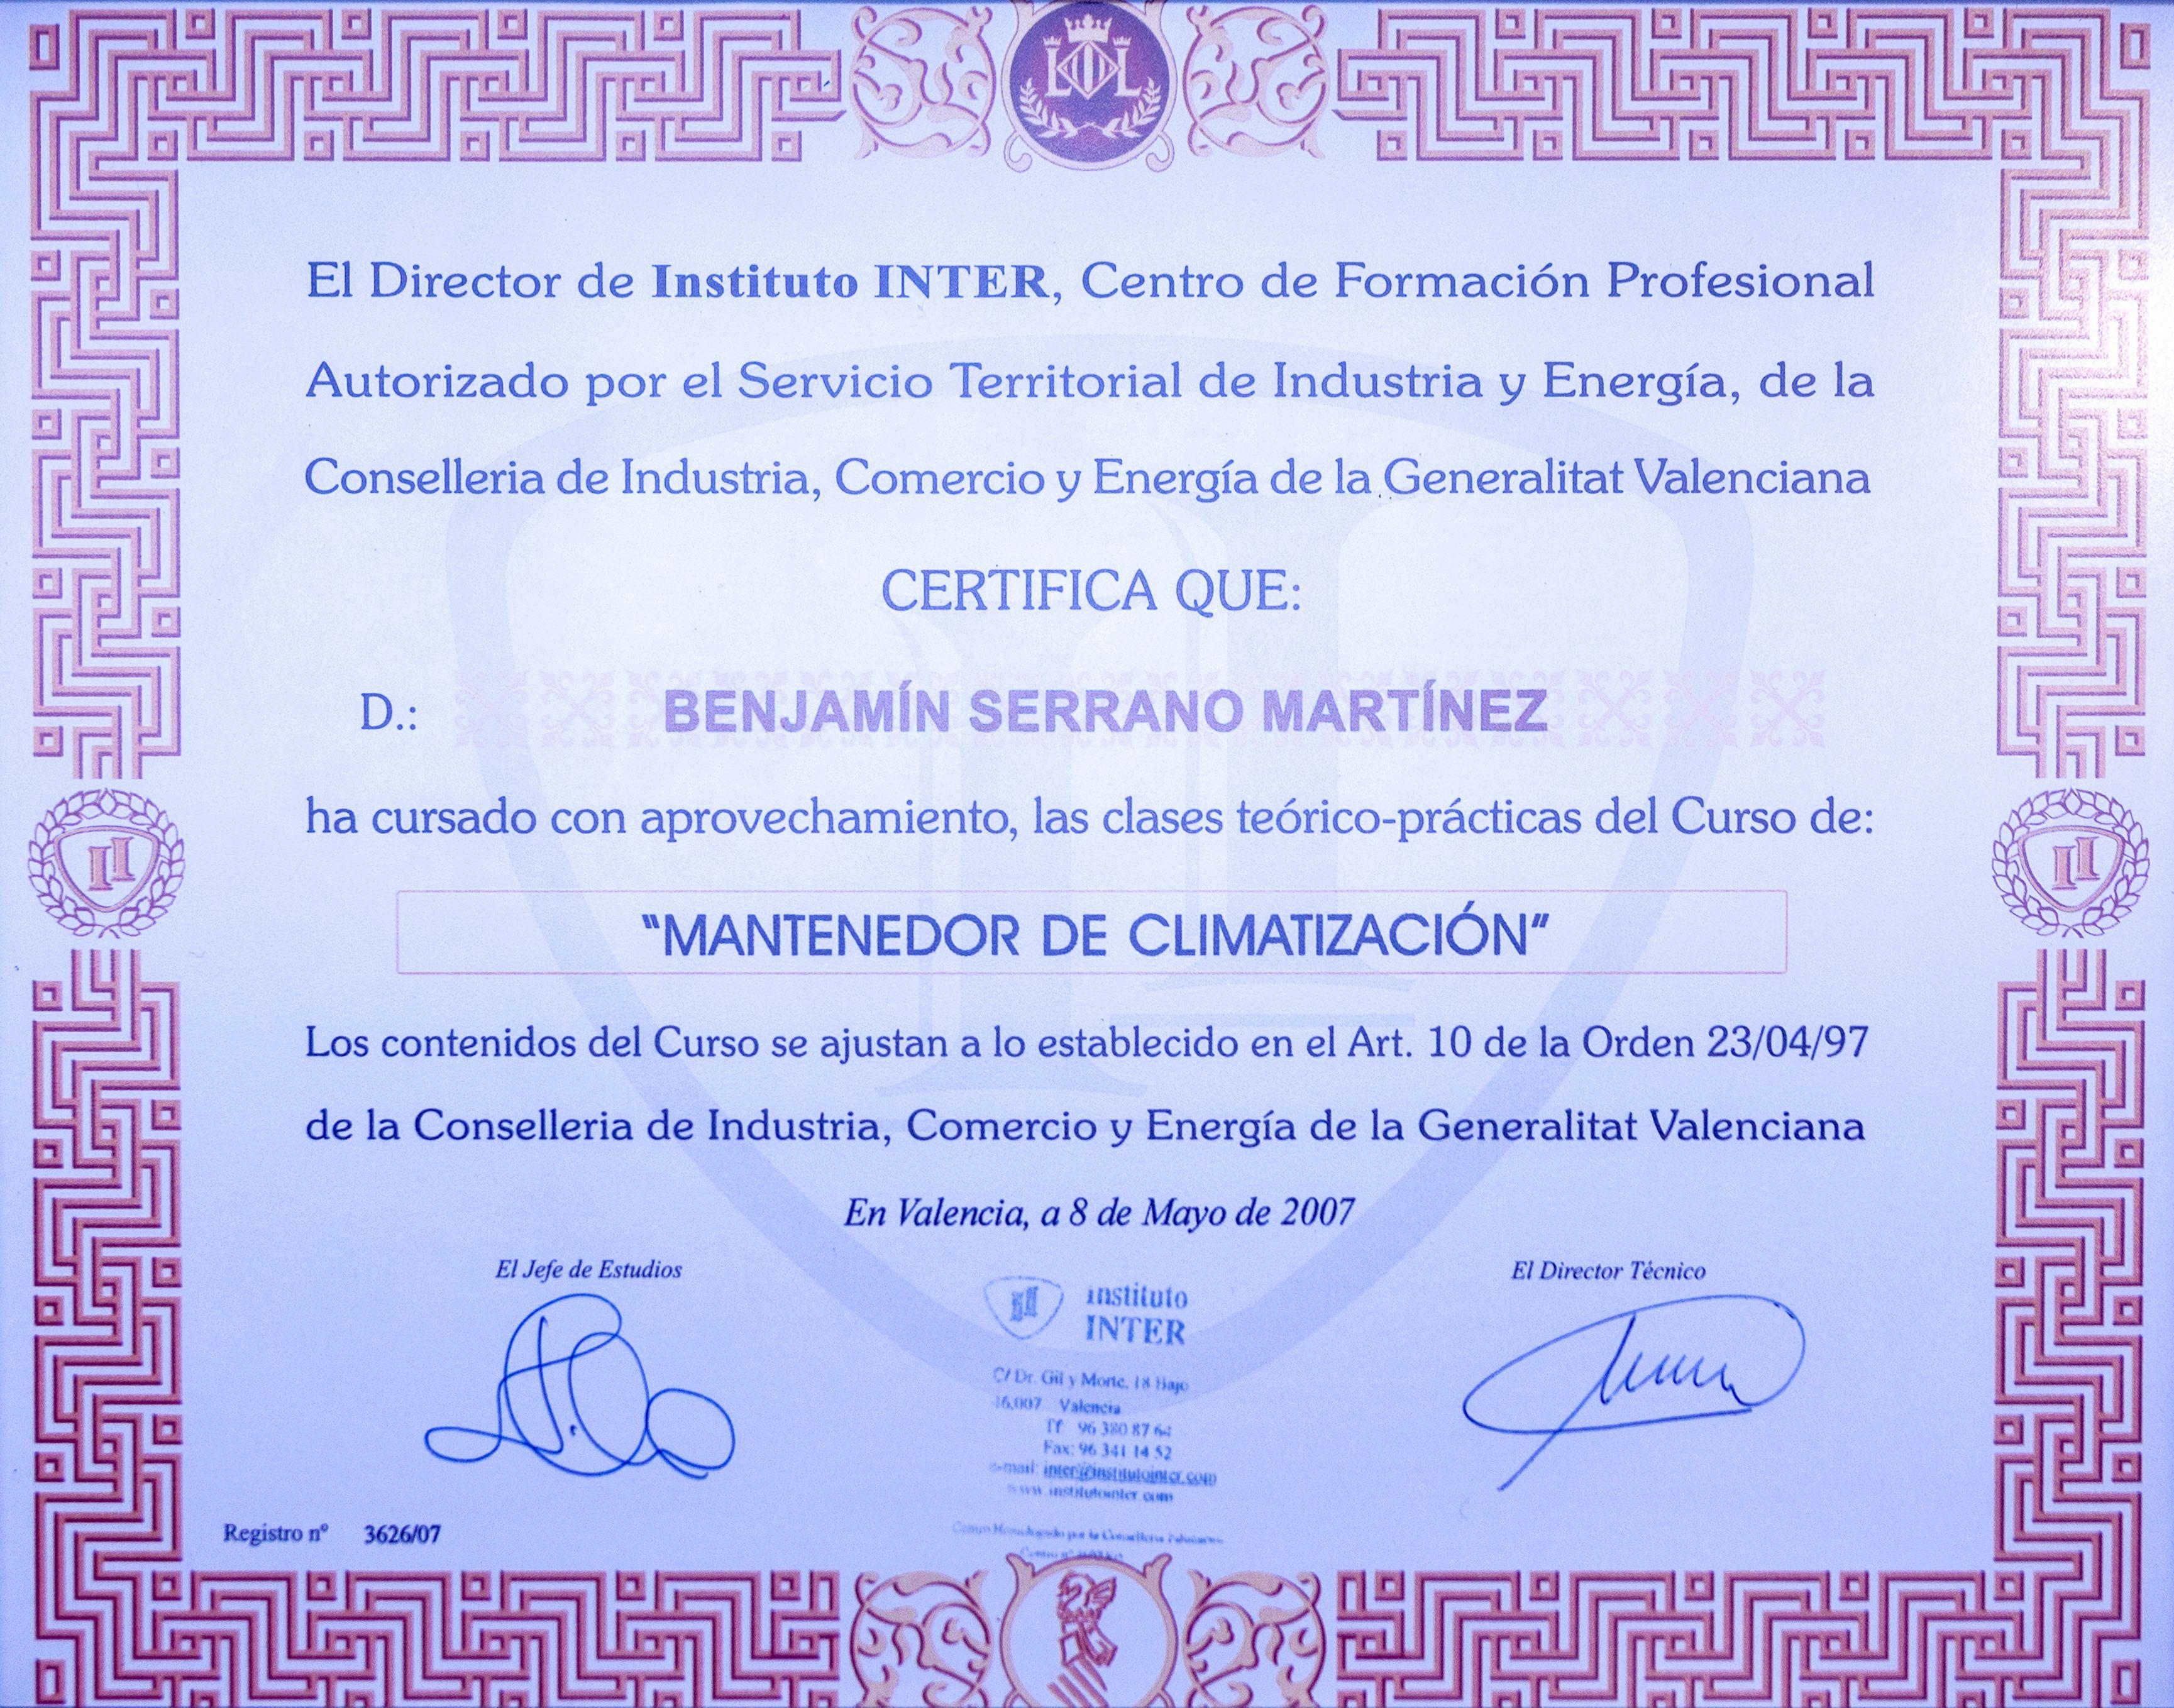 Certificado de mantenedor